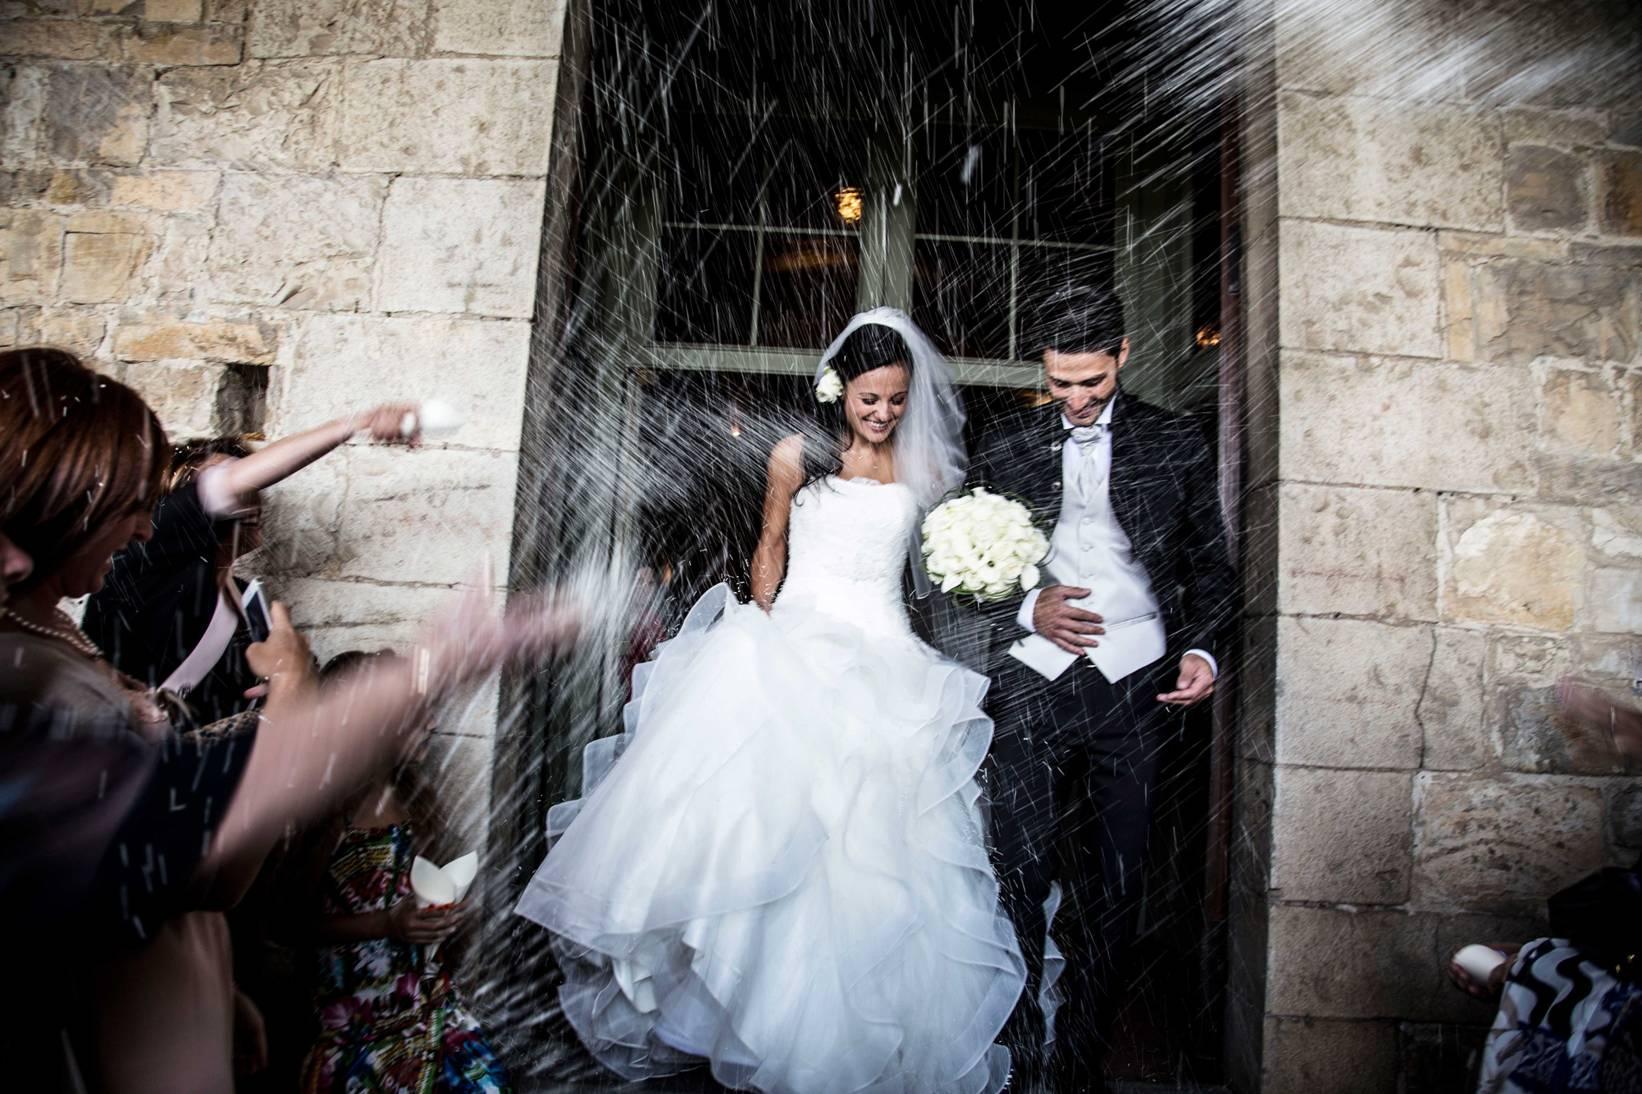 Ceremony photos by Alice Pastorelli